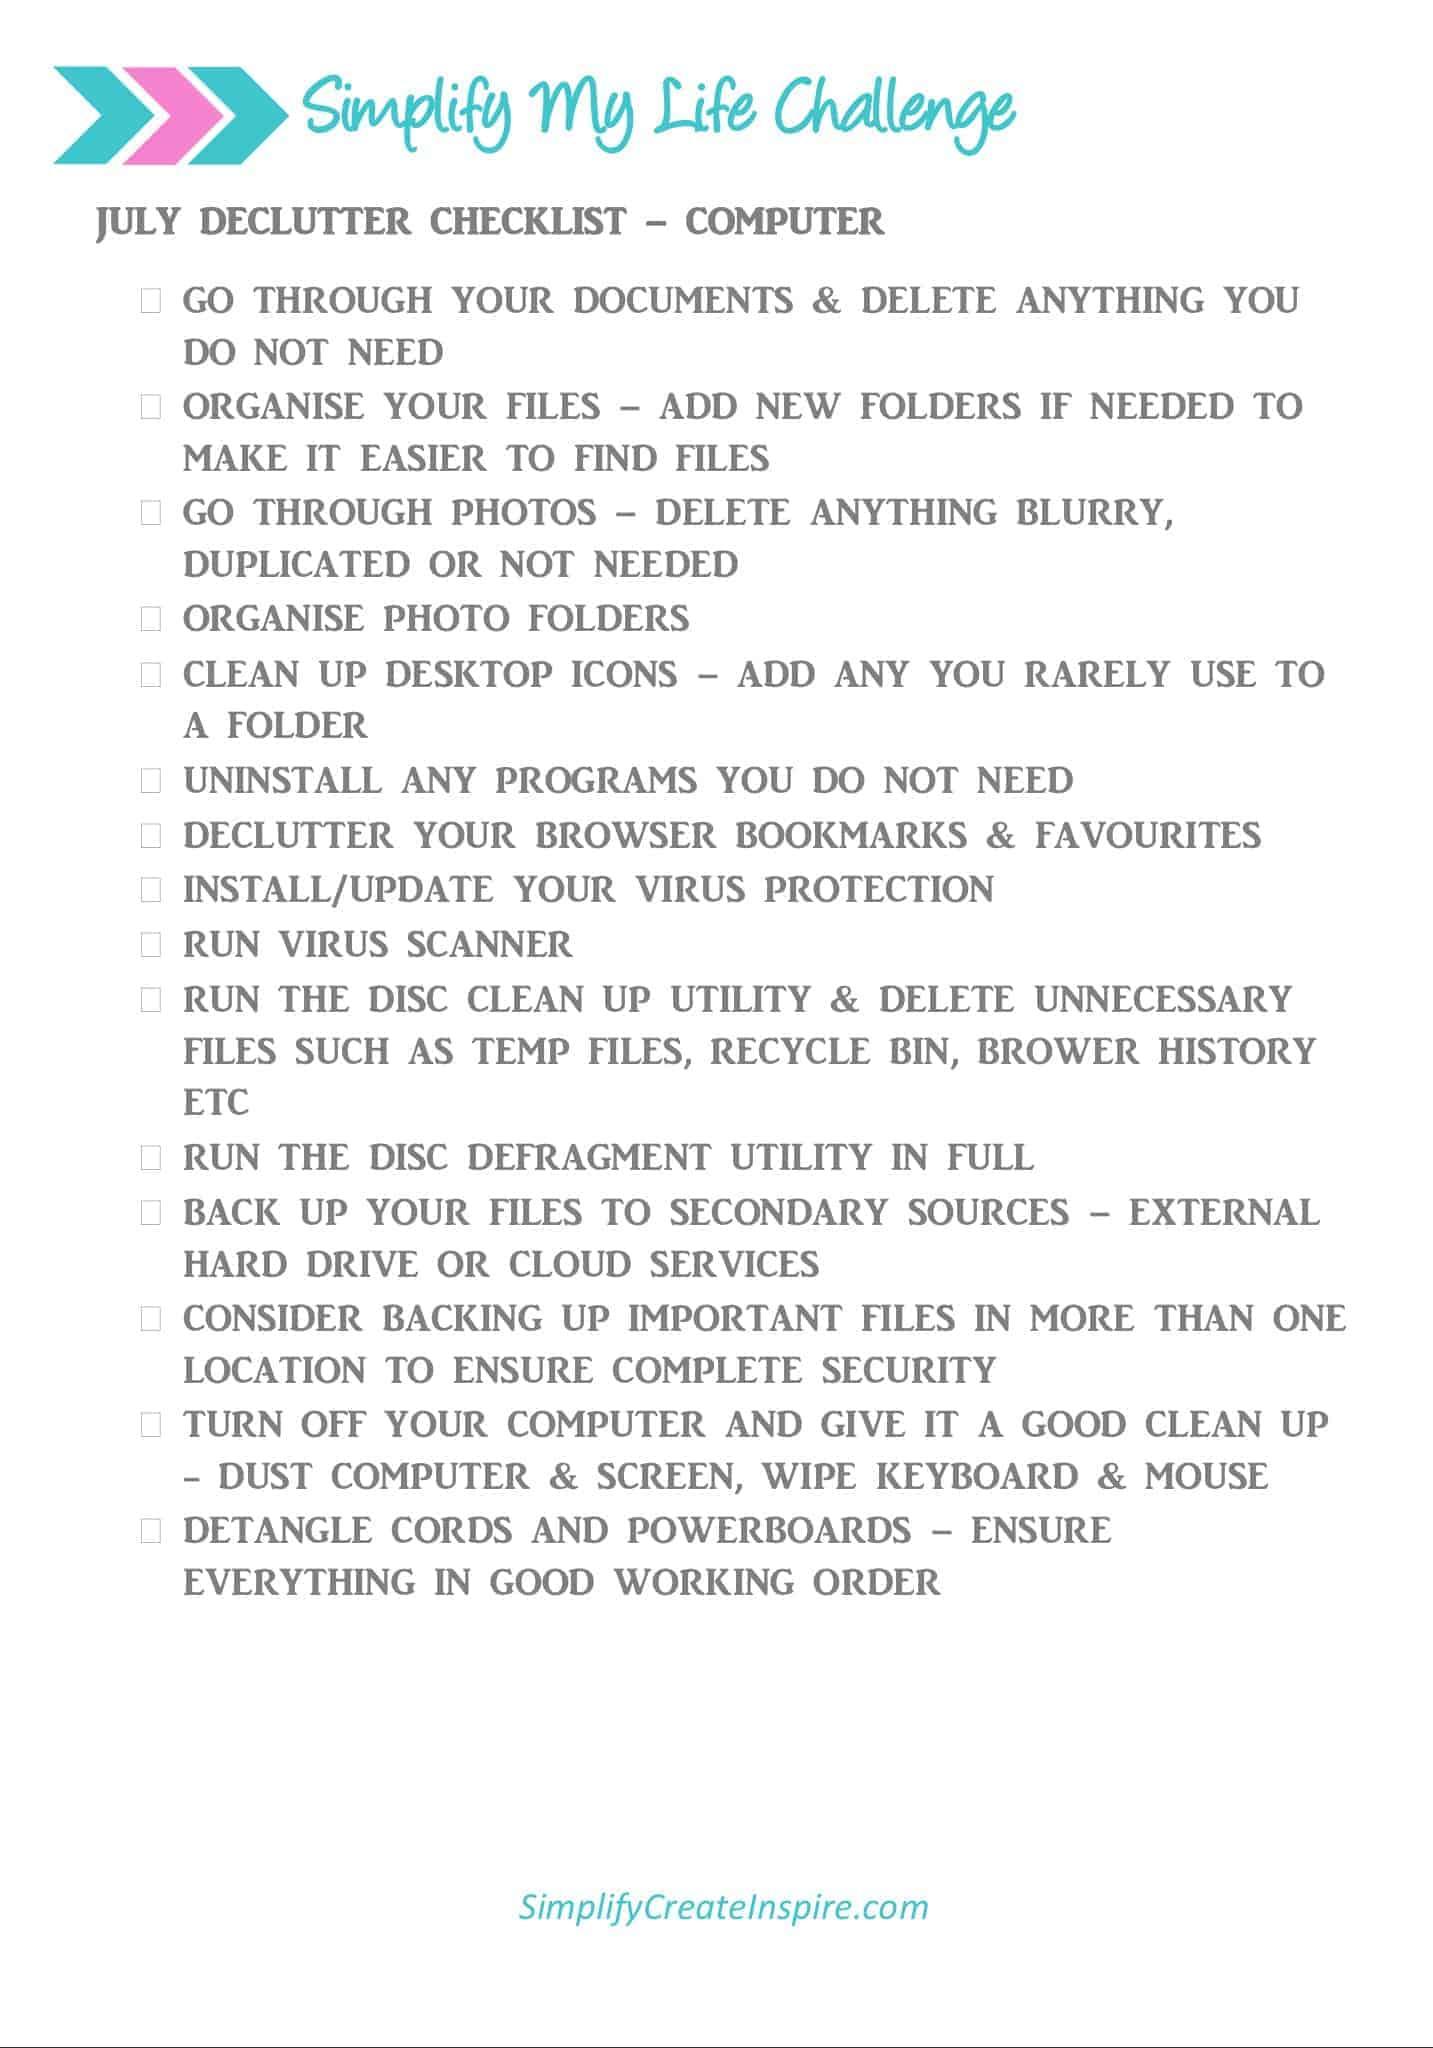 Computer declutter checklist